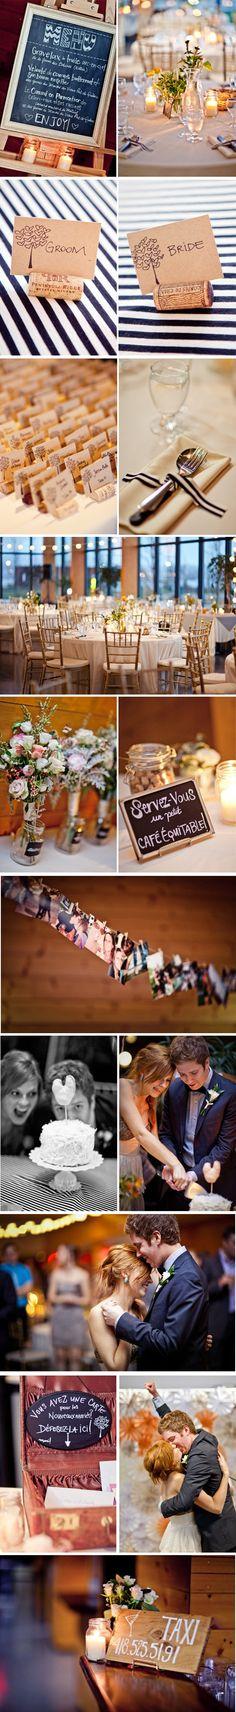 un joli mariage : coup de coeur pour les marque-places simples et jolis